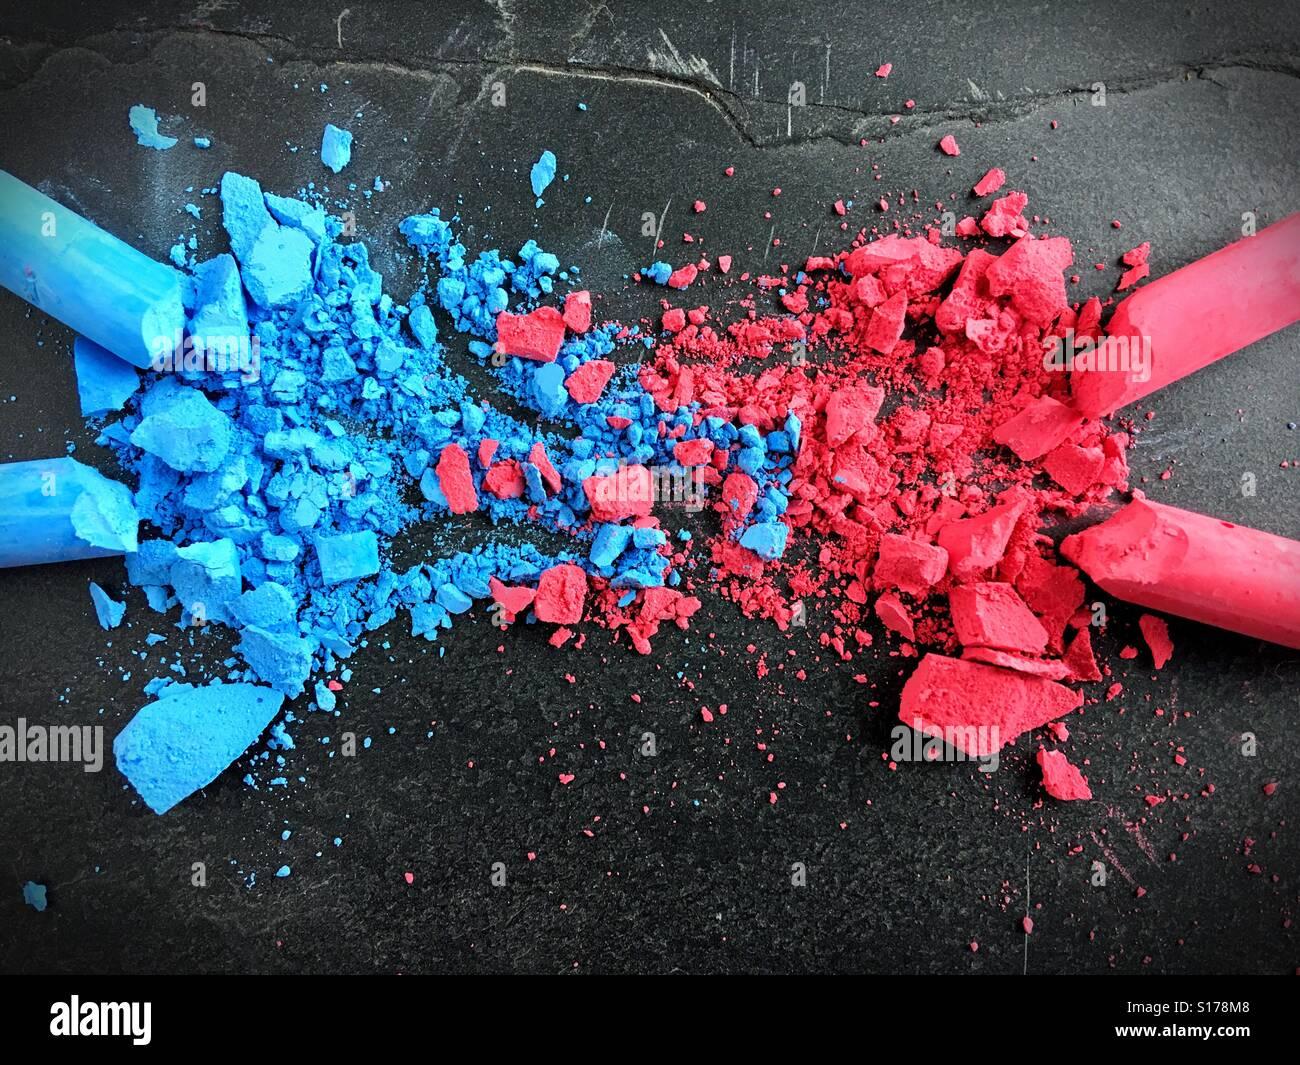 Un mélange de rose et bleu de la poussière de craie. Photo Stock